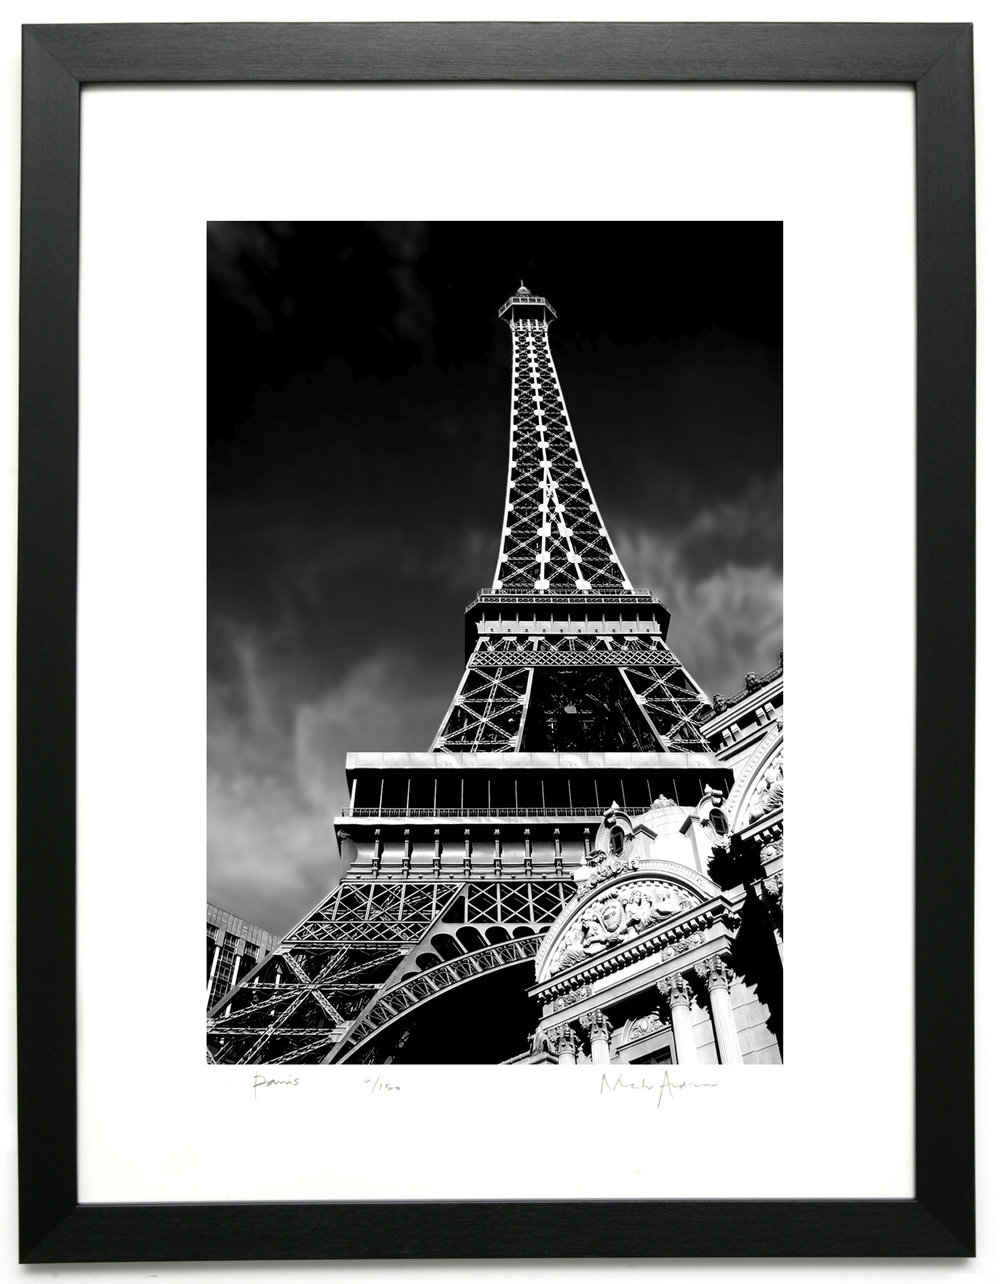 Framed Black White Prints Of Paris London New York For Home